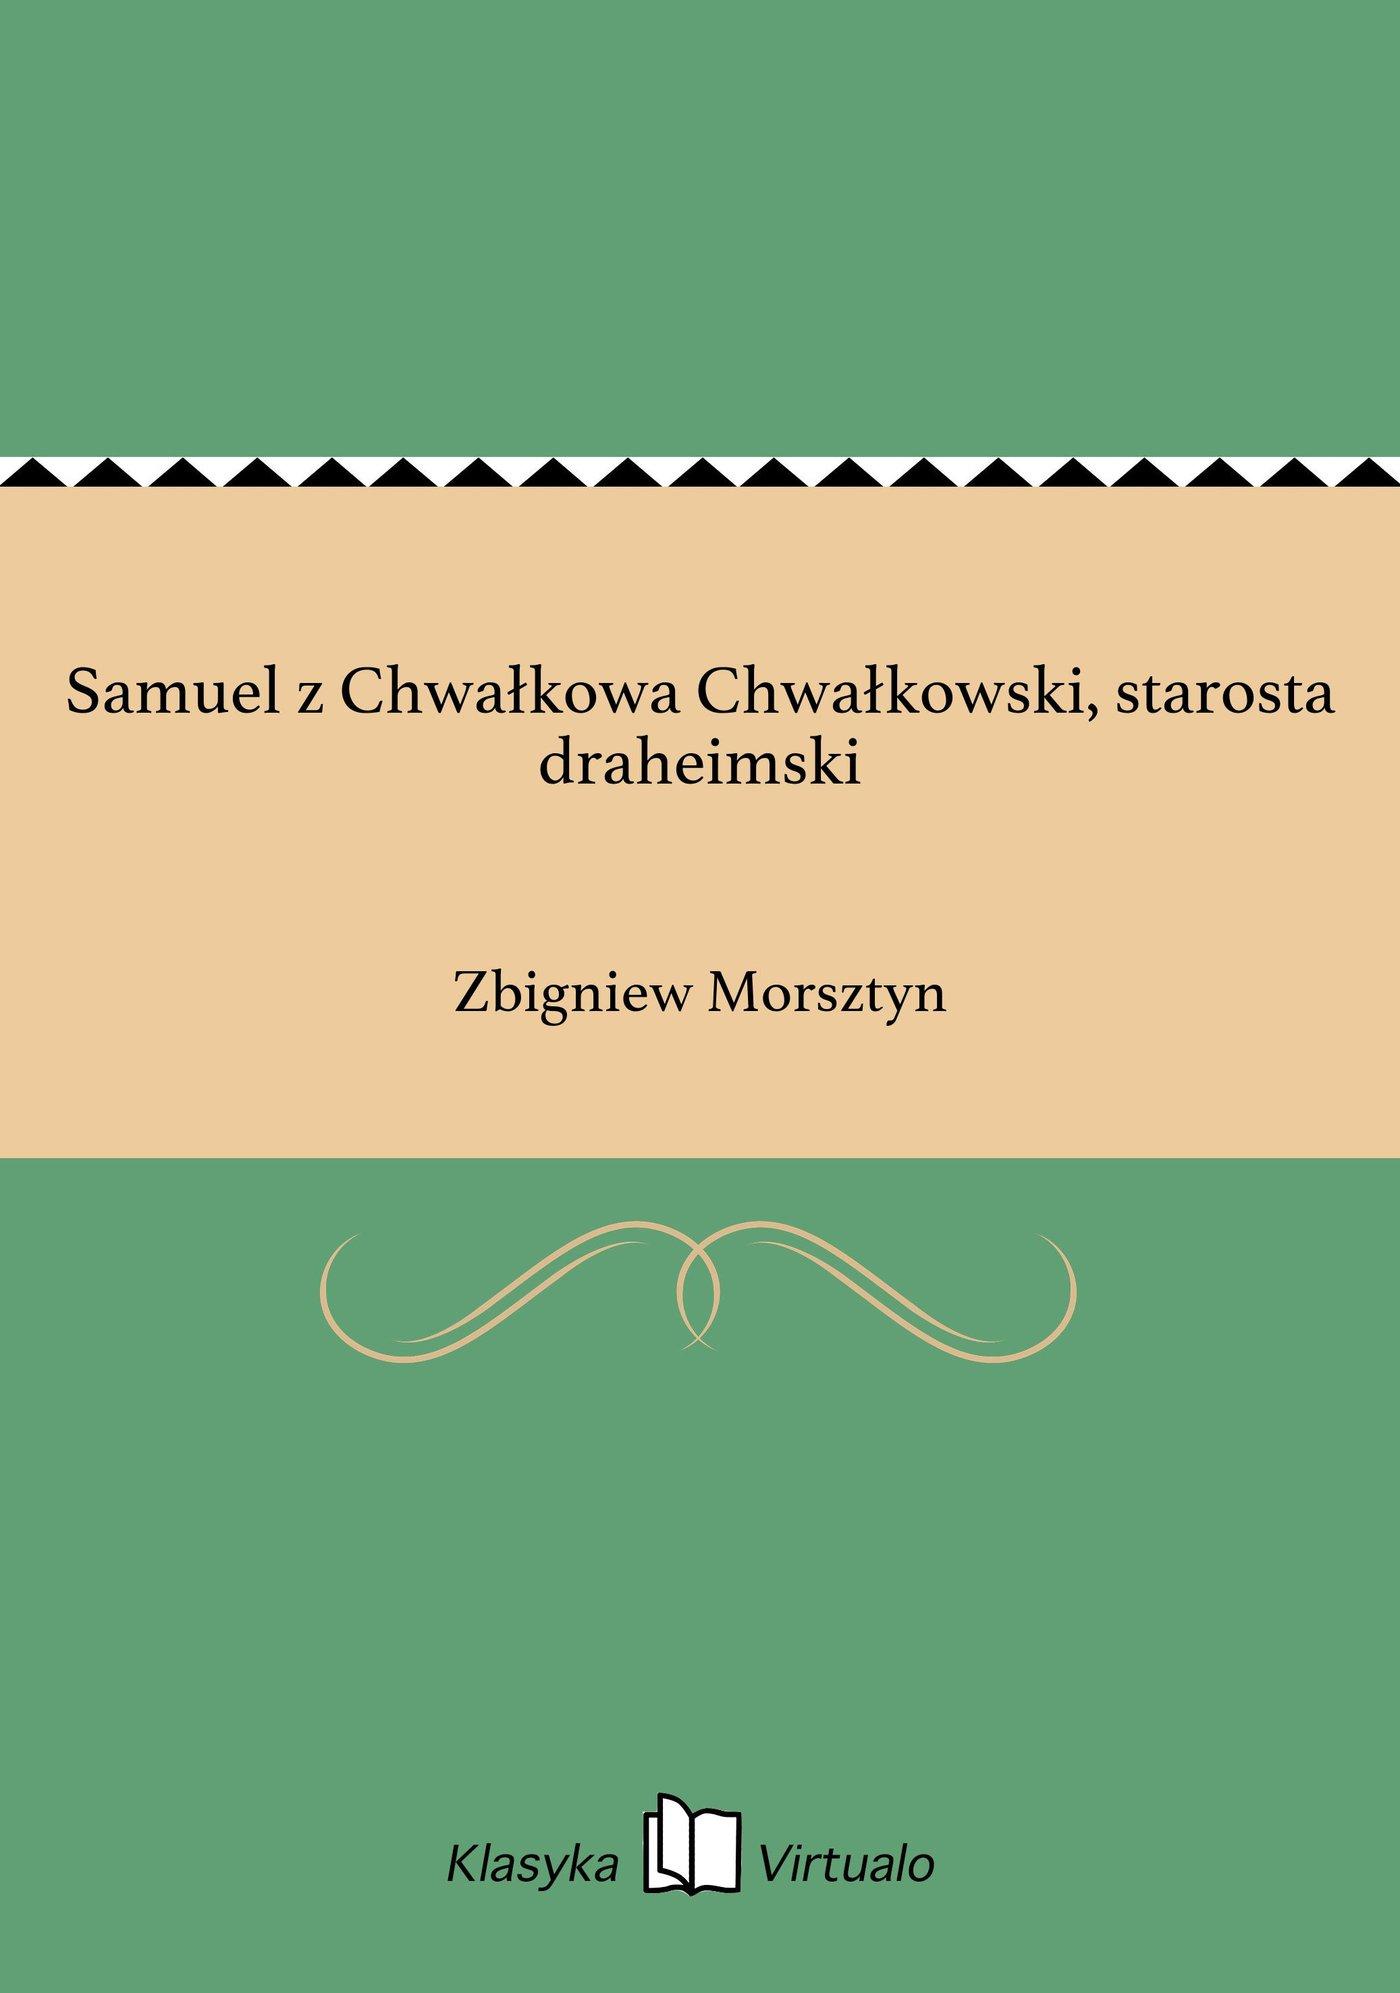 Samuel z Chwałkowa Chwałkowski, starosta draheimski - Ebook (Książka EPUB) do pobrania w formacie EPUB